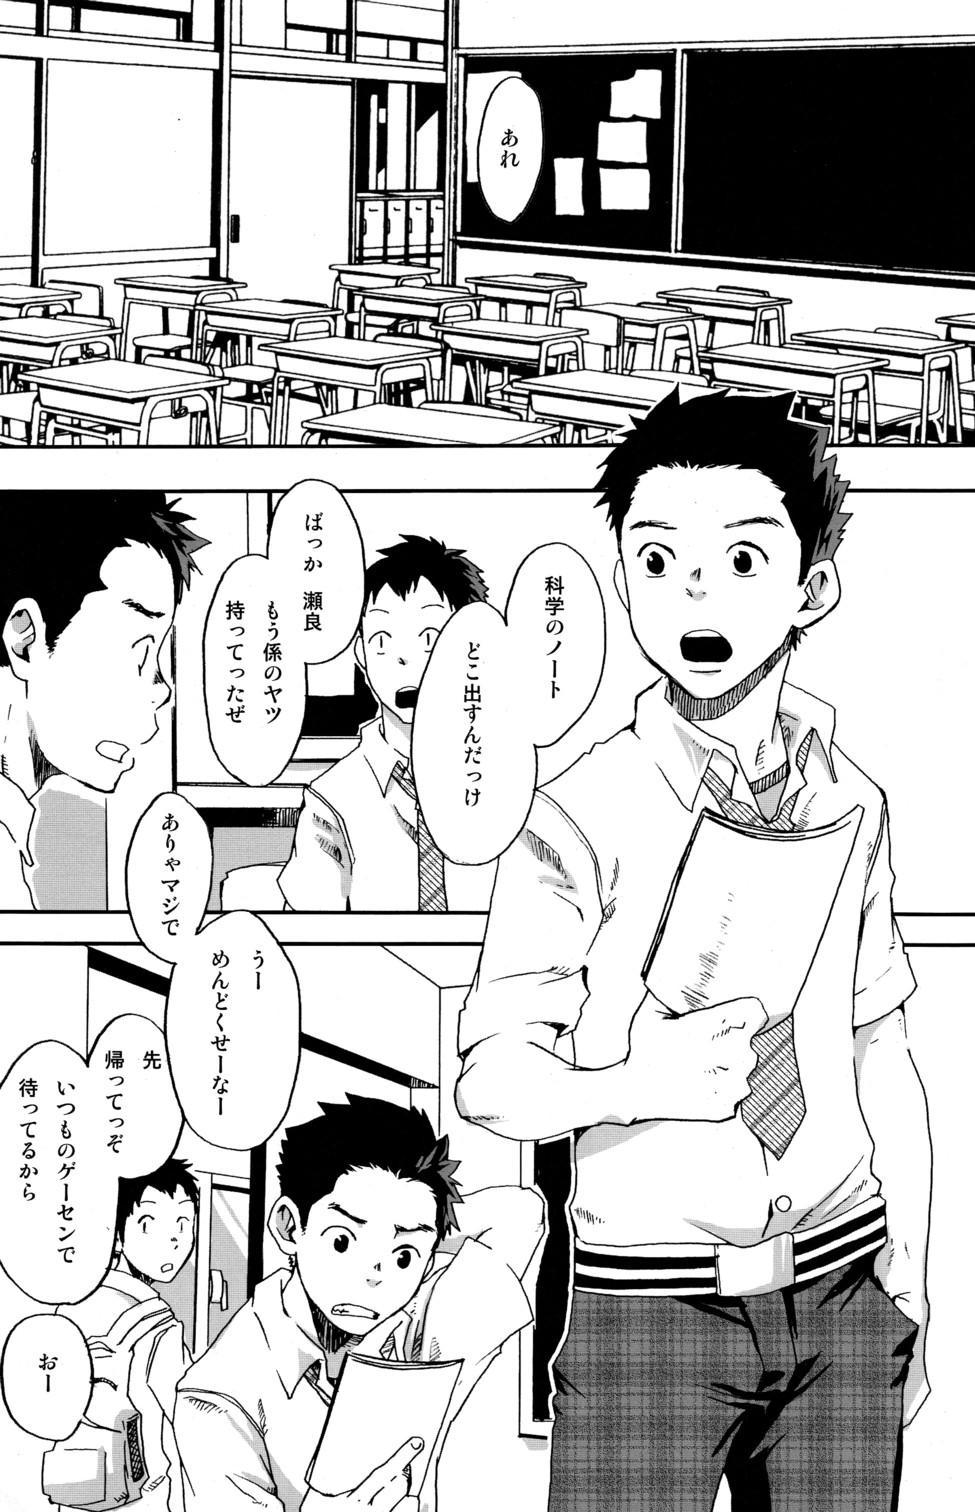 (C78) [Box (Tsukumo Gou)] 【19号(つくも号)】そう言って君は笑うSou Itte Kimi wa Warau 2